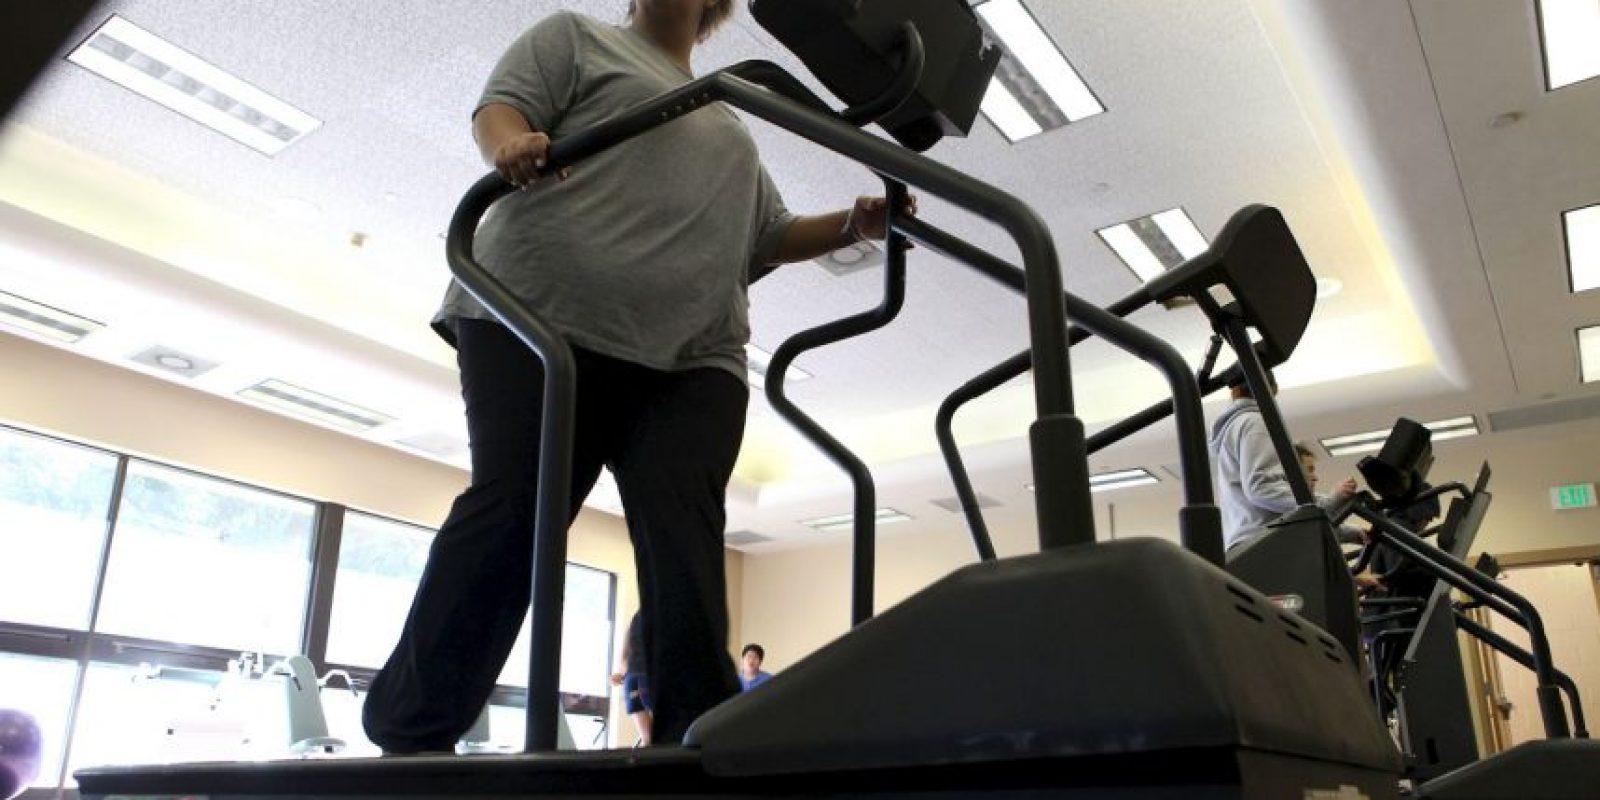 """La investigación ha demostrado que la deficiencia de sueño y una dieta alta en grasas, """"conducen a la alteración de la sensibilidad a la insulina"""", dijo el Dr. Broussard. Foto:Getty Images"""